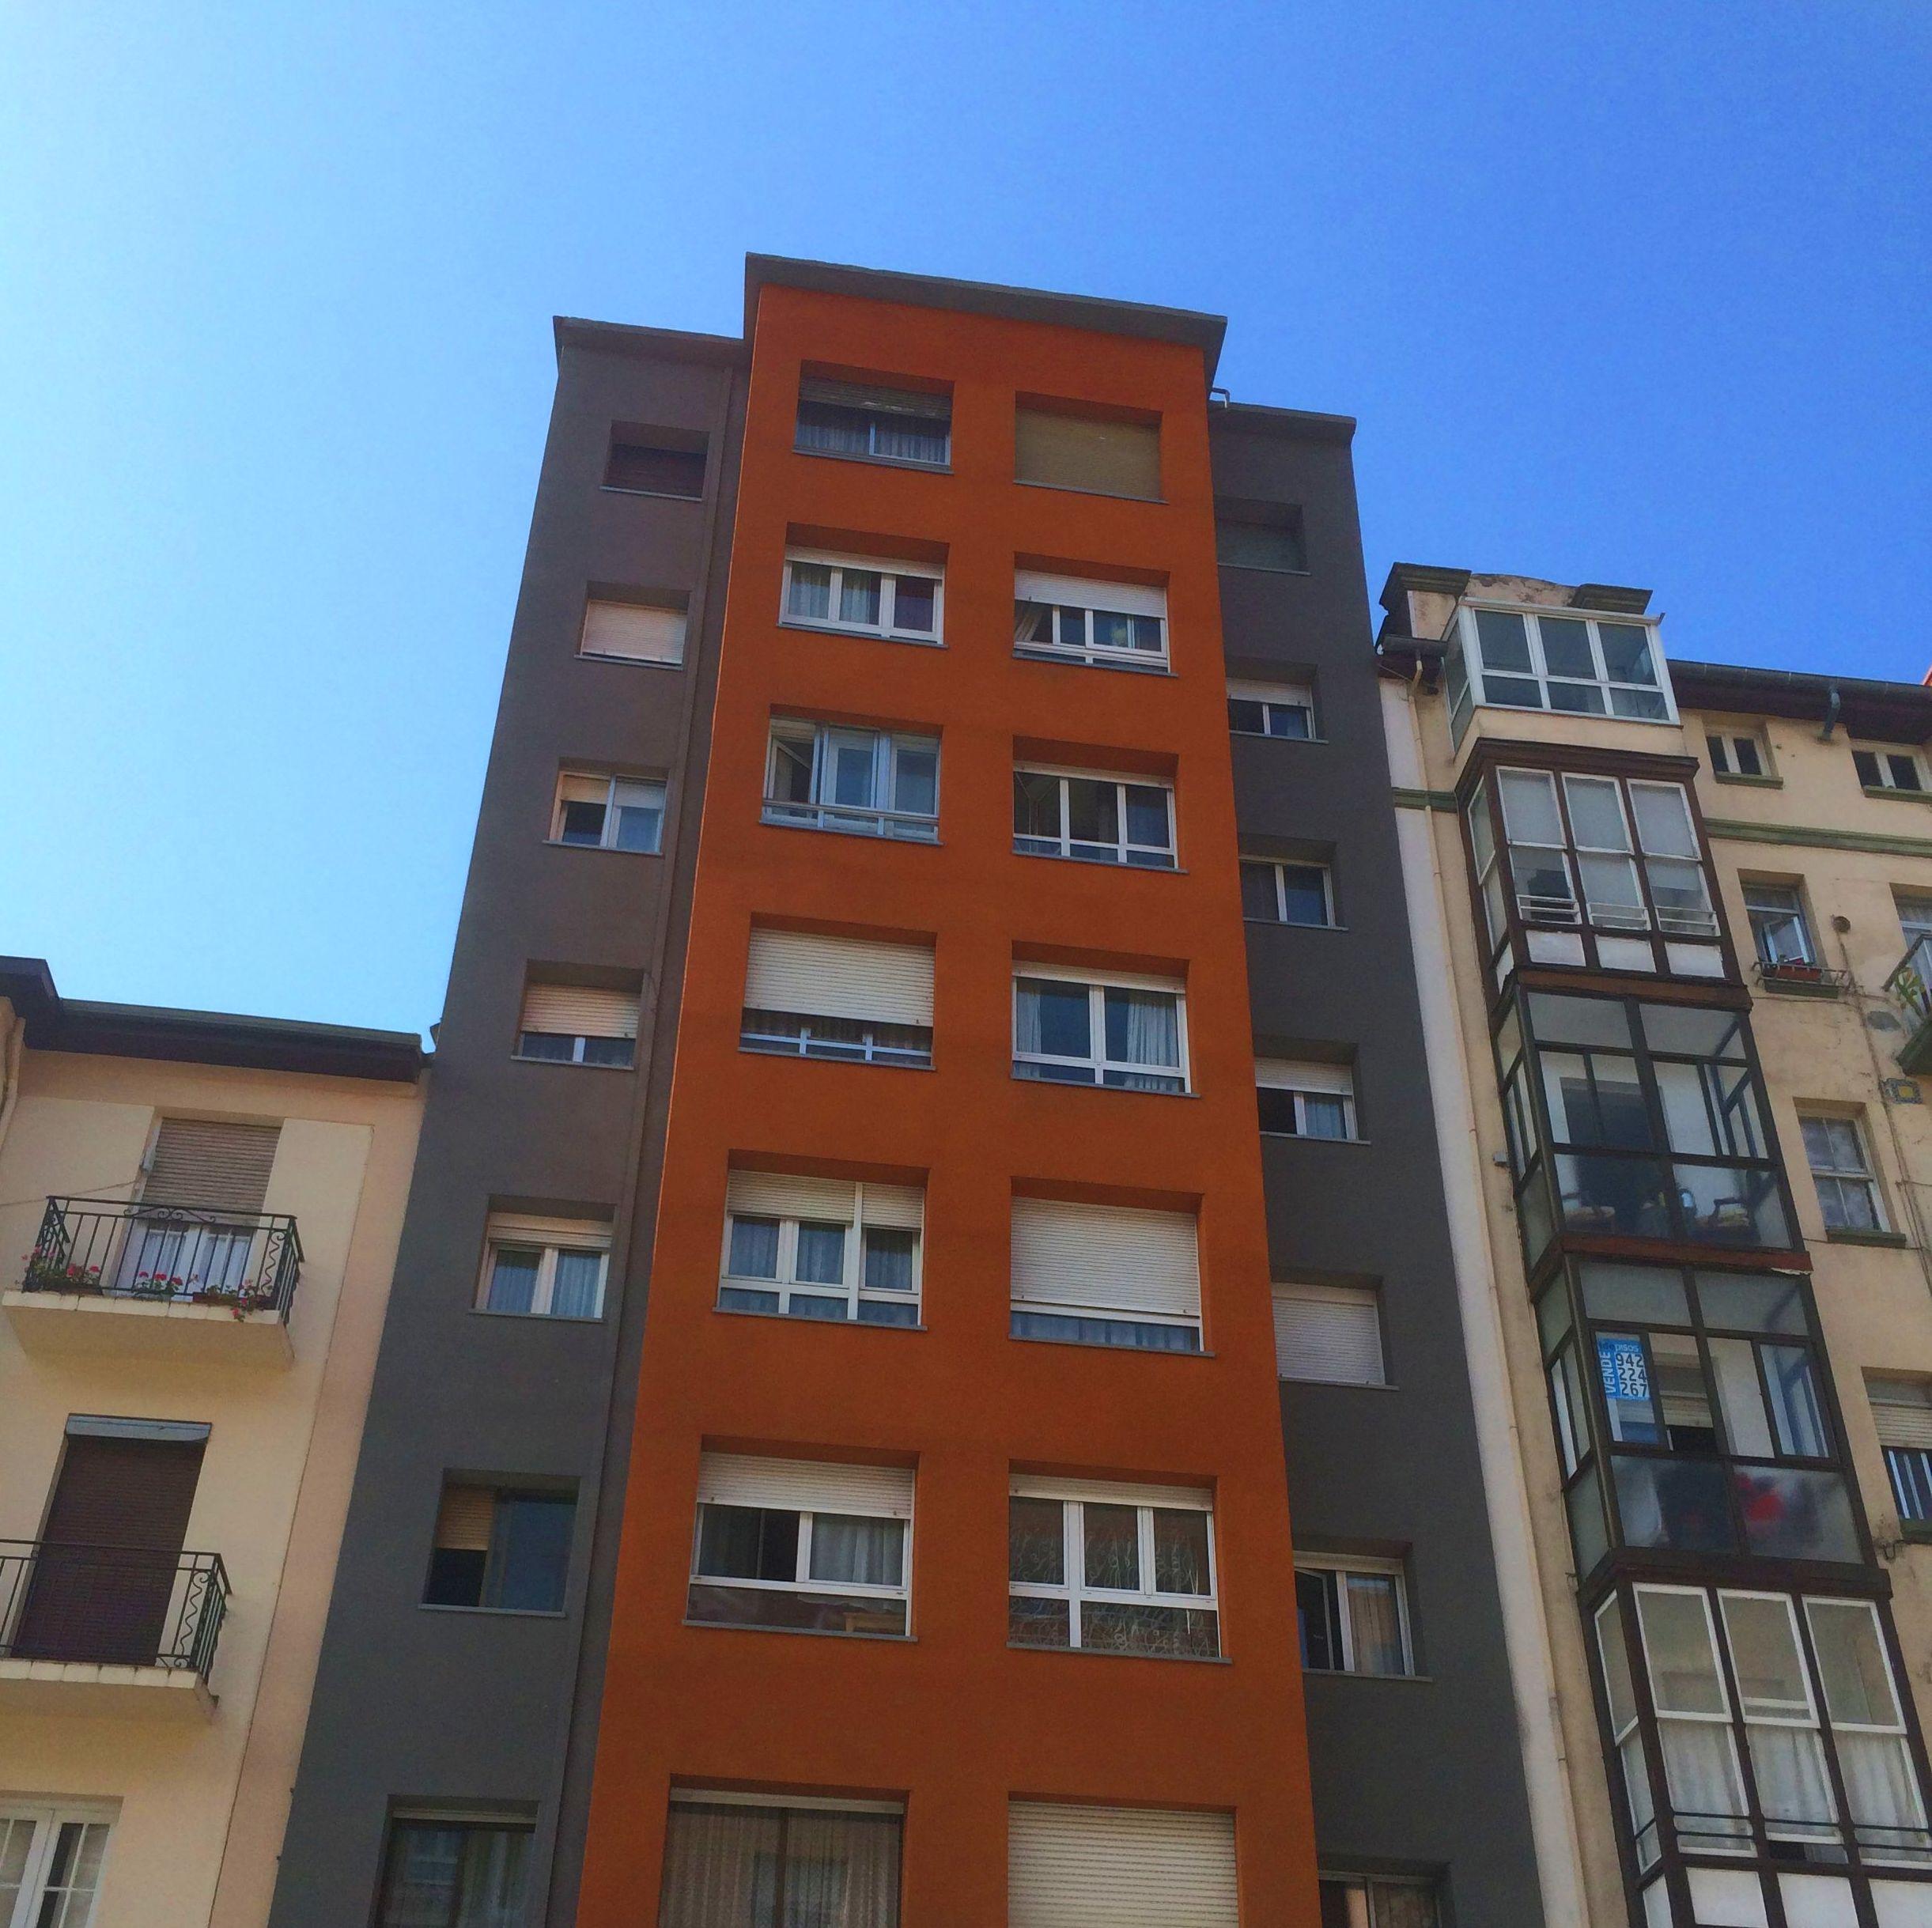 Aislamiento térmico por el exterior en comunidad de vecinos Santander-Torrelavega.